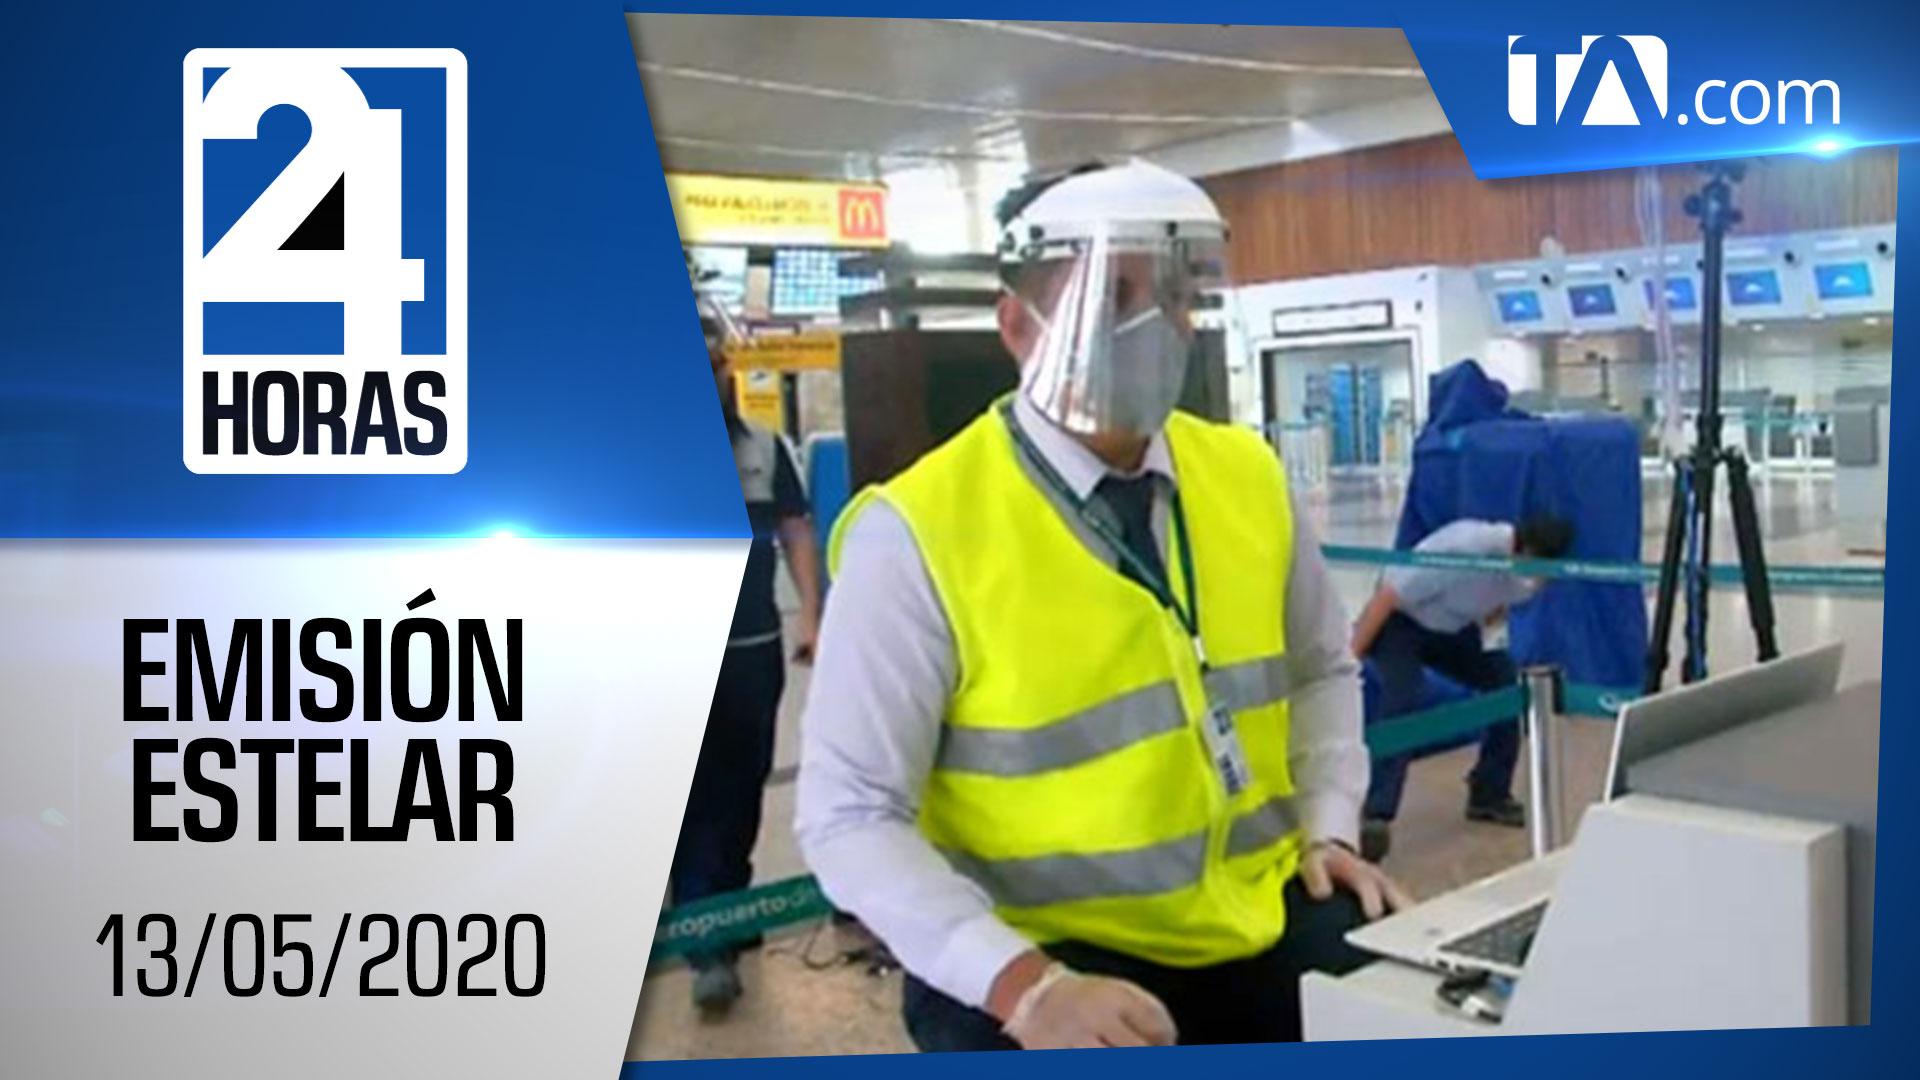 Noticias Ecuador: Noticiero 24 Horas, 13/05/2020 (Emisión Estelar)